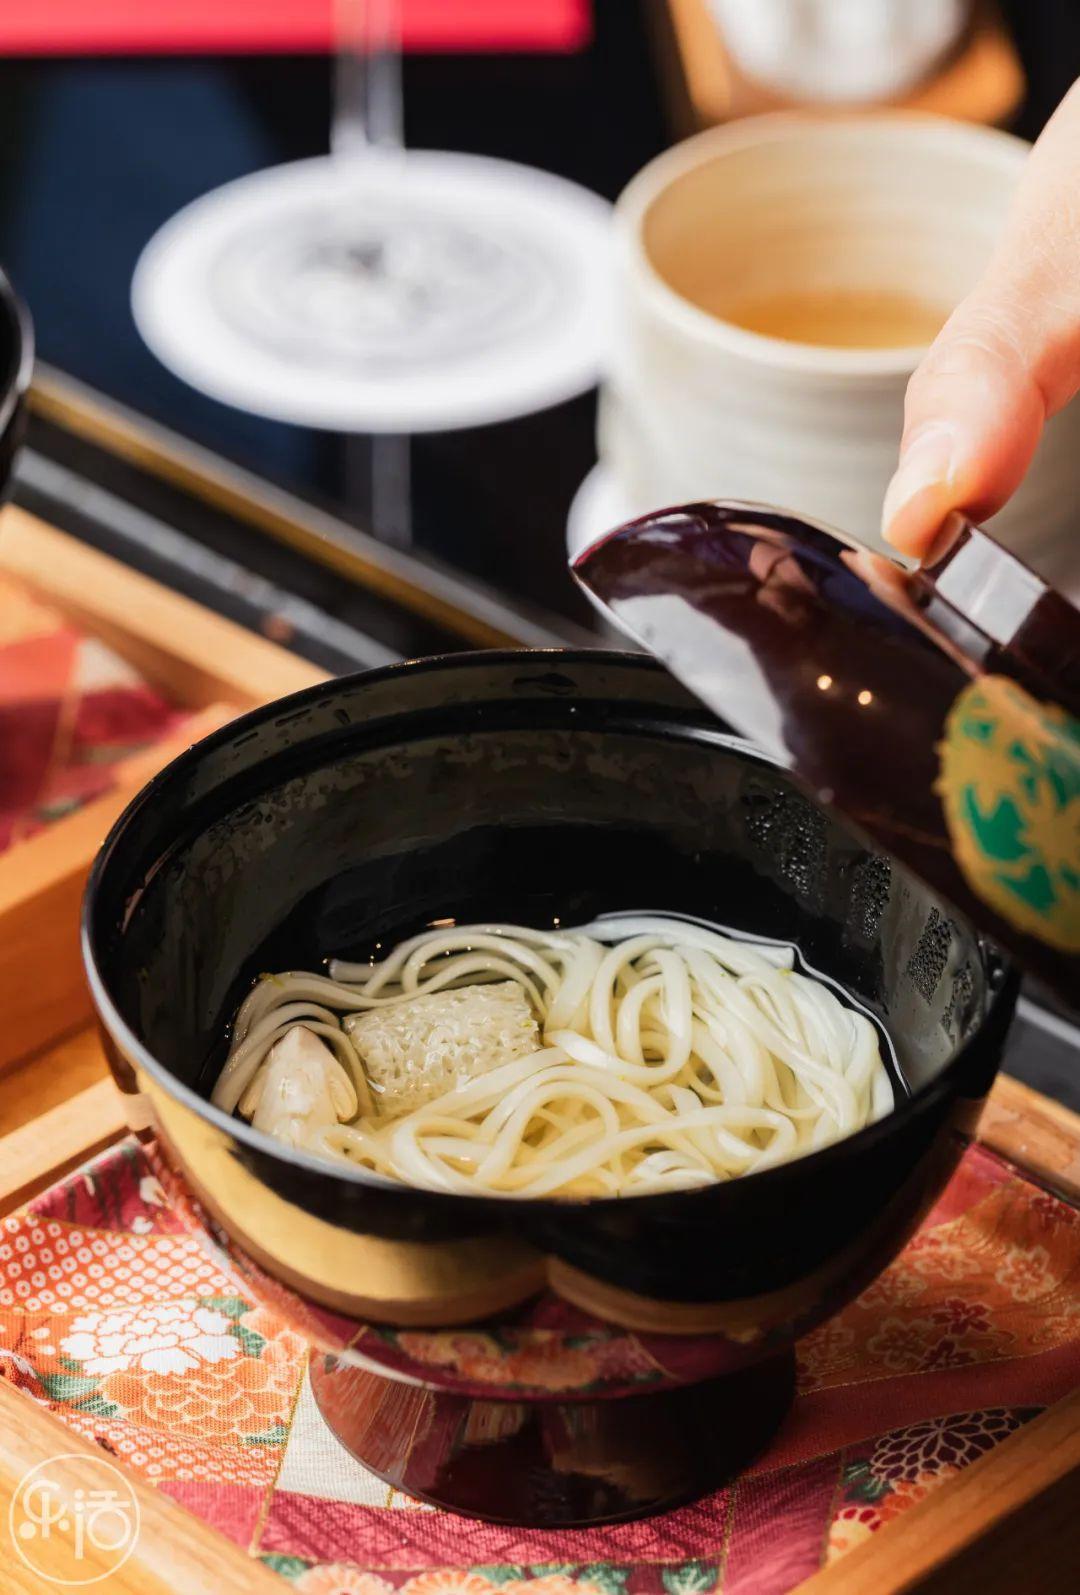 全杭州Zui大的会席料理店来袭!人均600元就能体验到的Top级日料,来自日本饮食文化的上等名流之选!(图34)